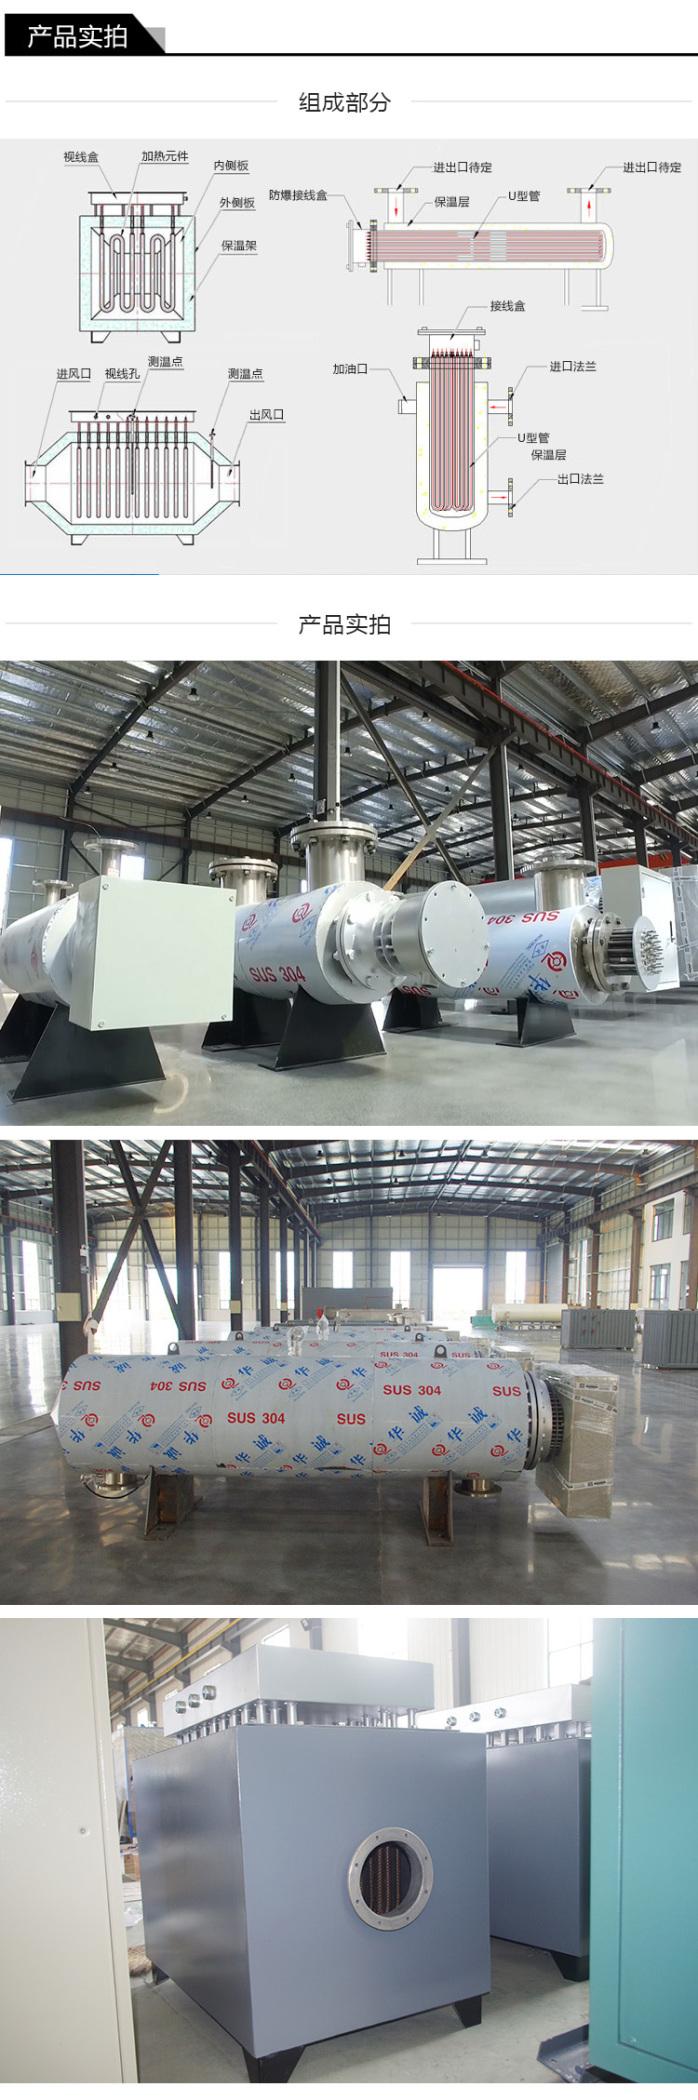 江苏瑞源厂家定制管道式空气加热器85615715